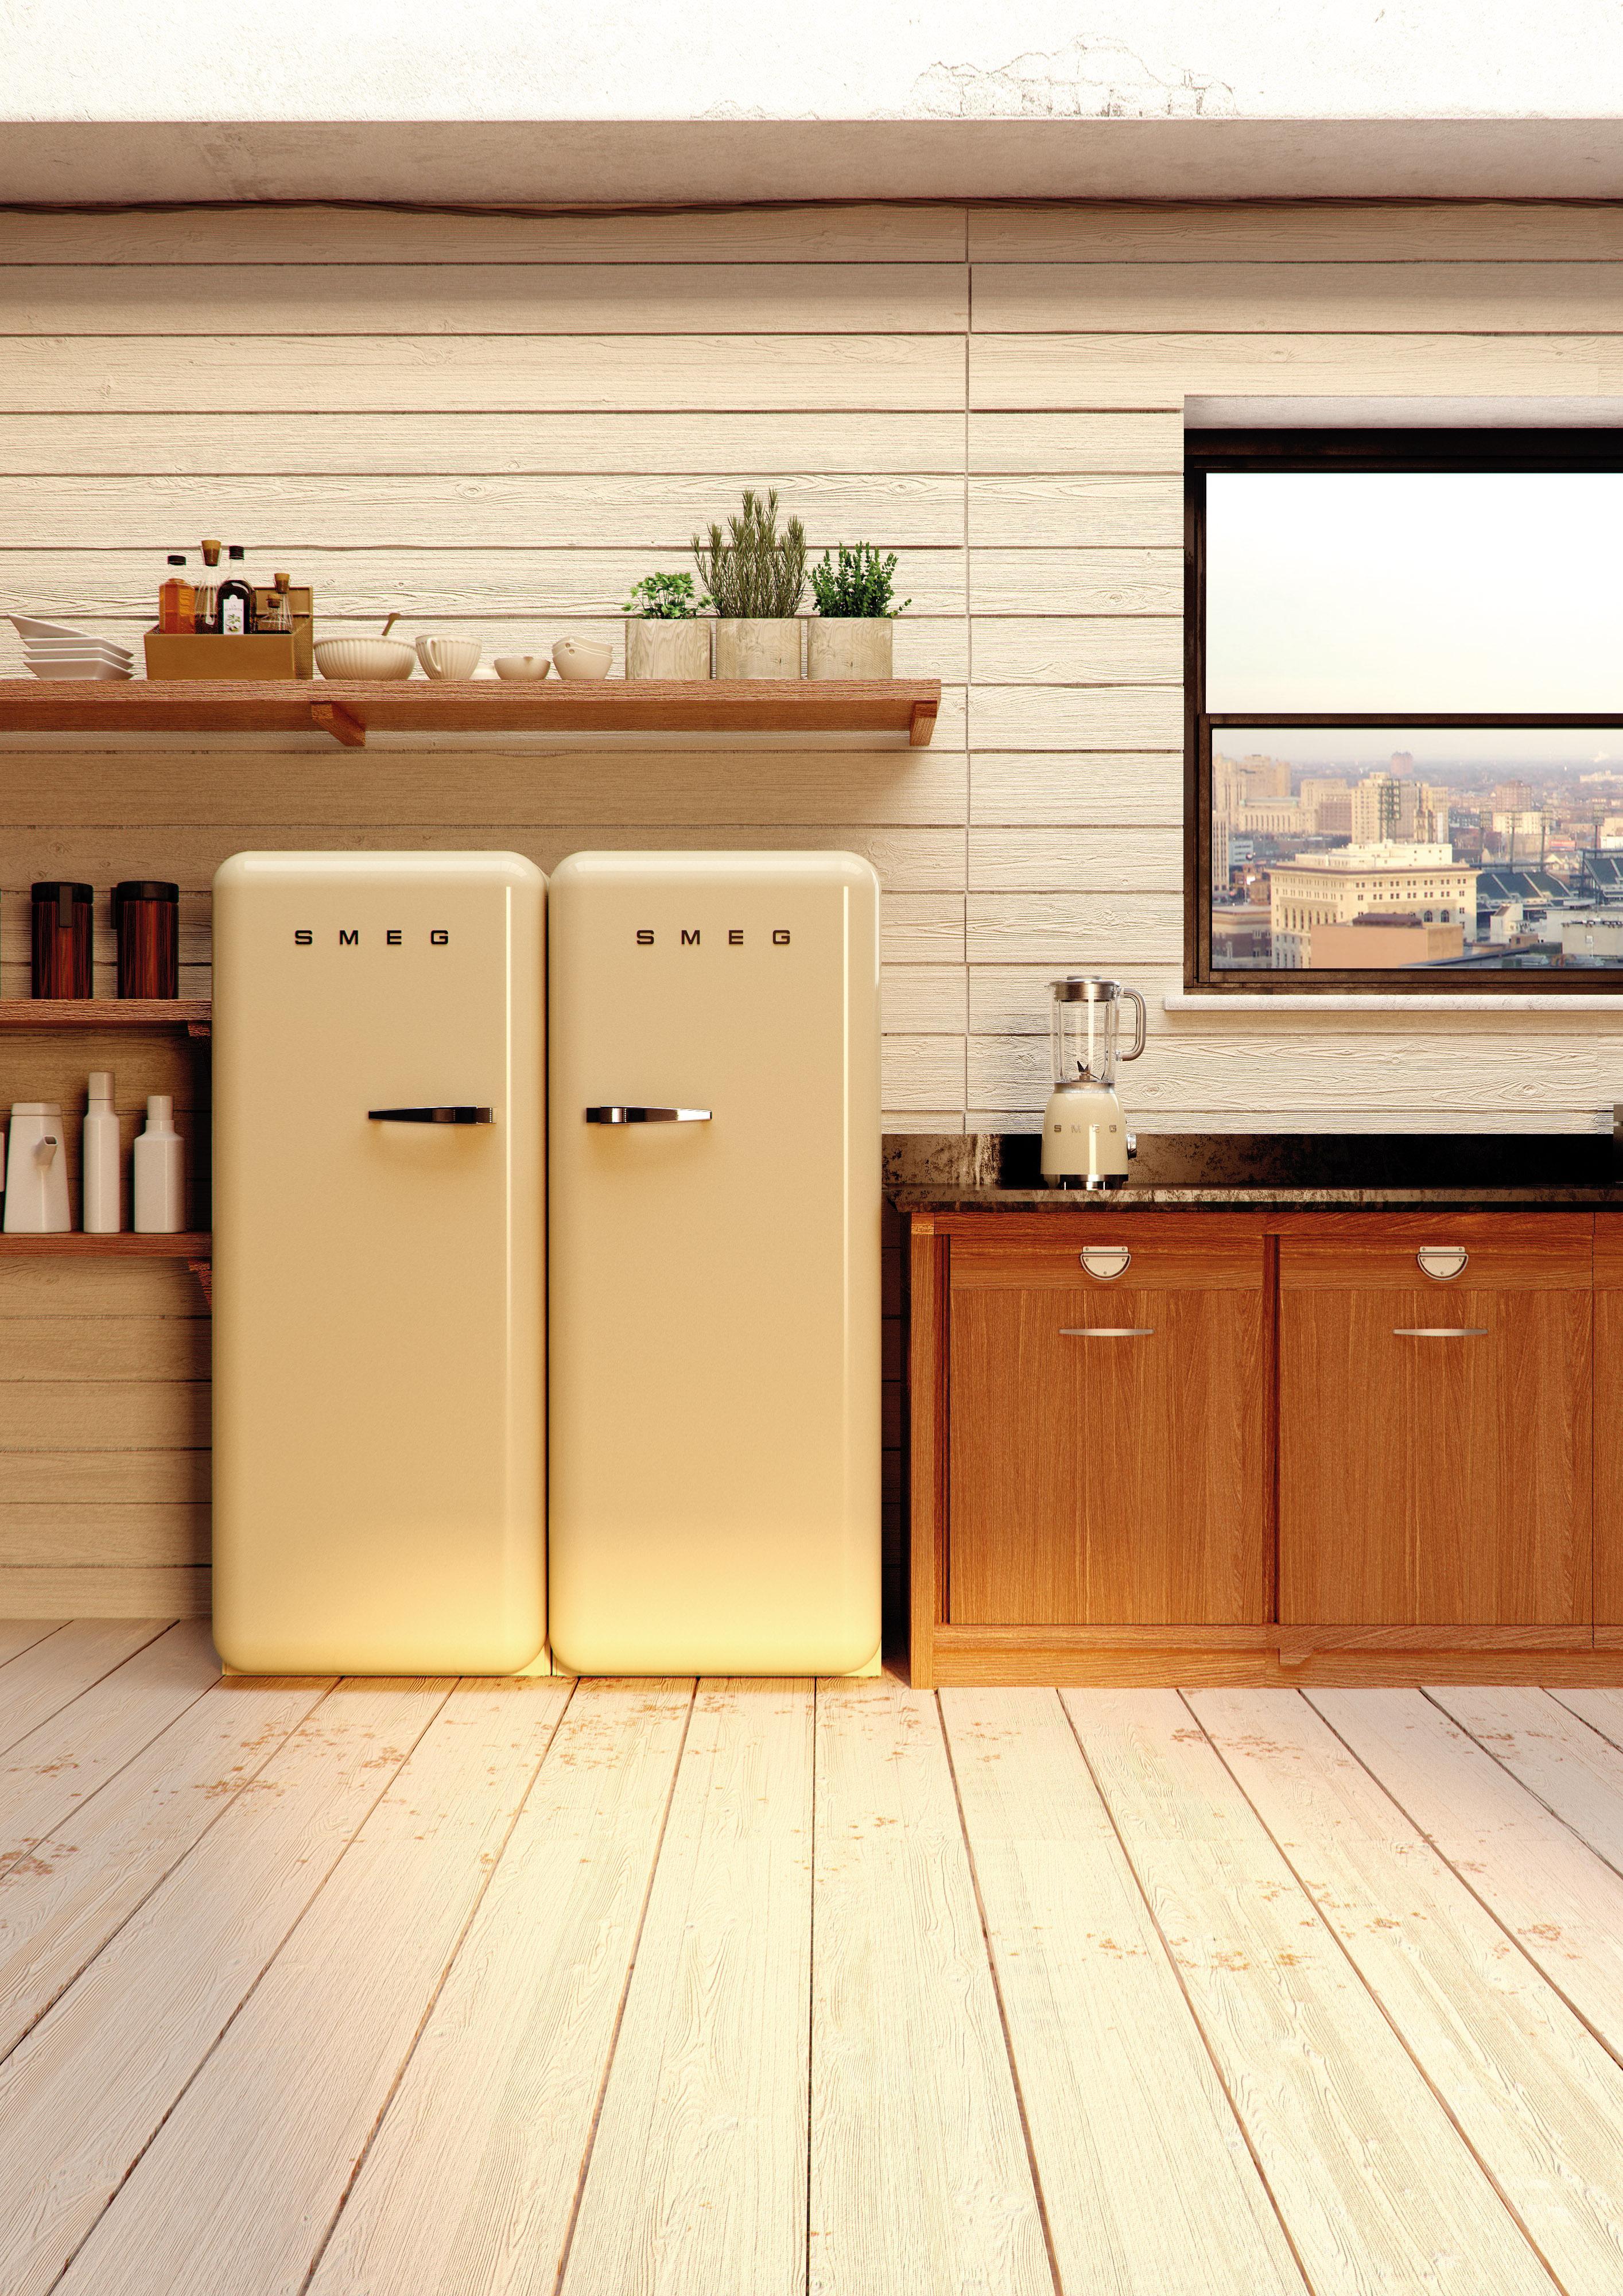 Retrokühlschränke  Retro-Kühlschrank • Bilder & Ideen • COUCHstyle